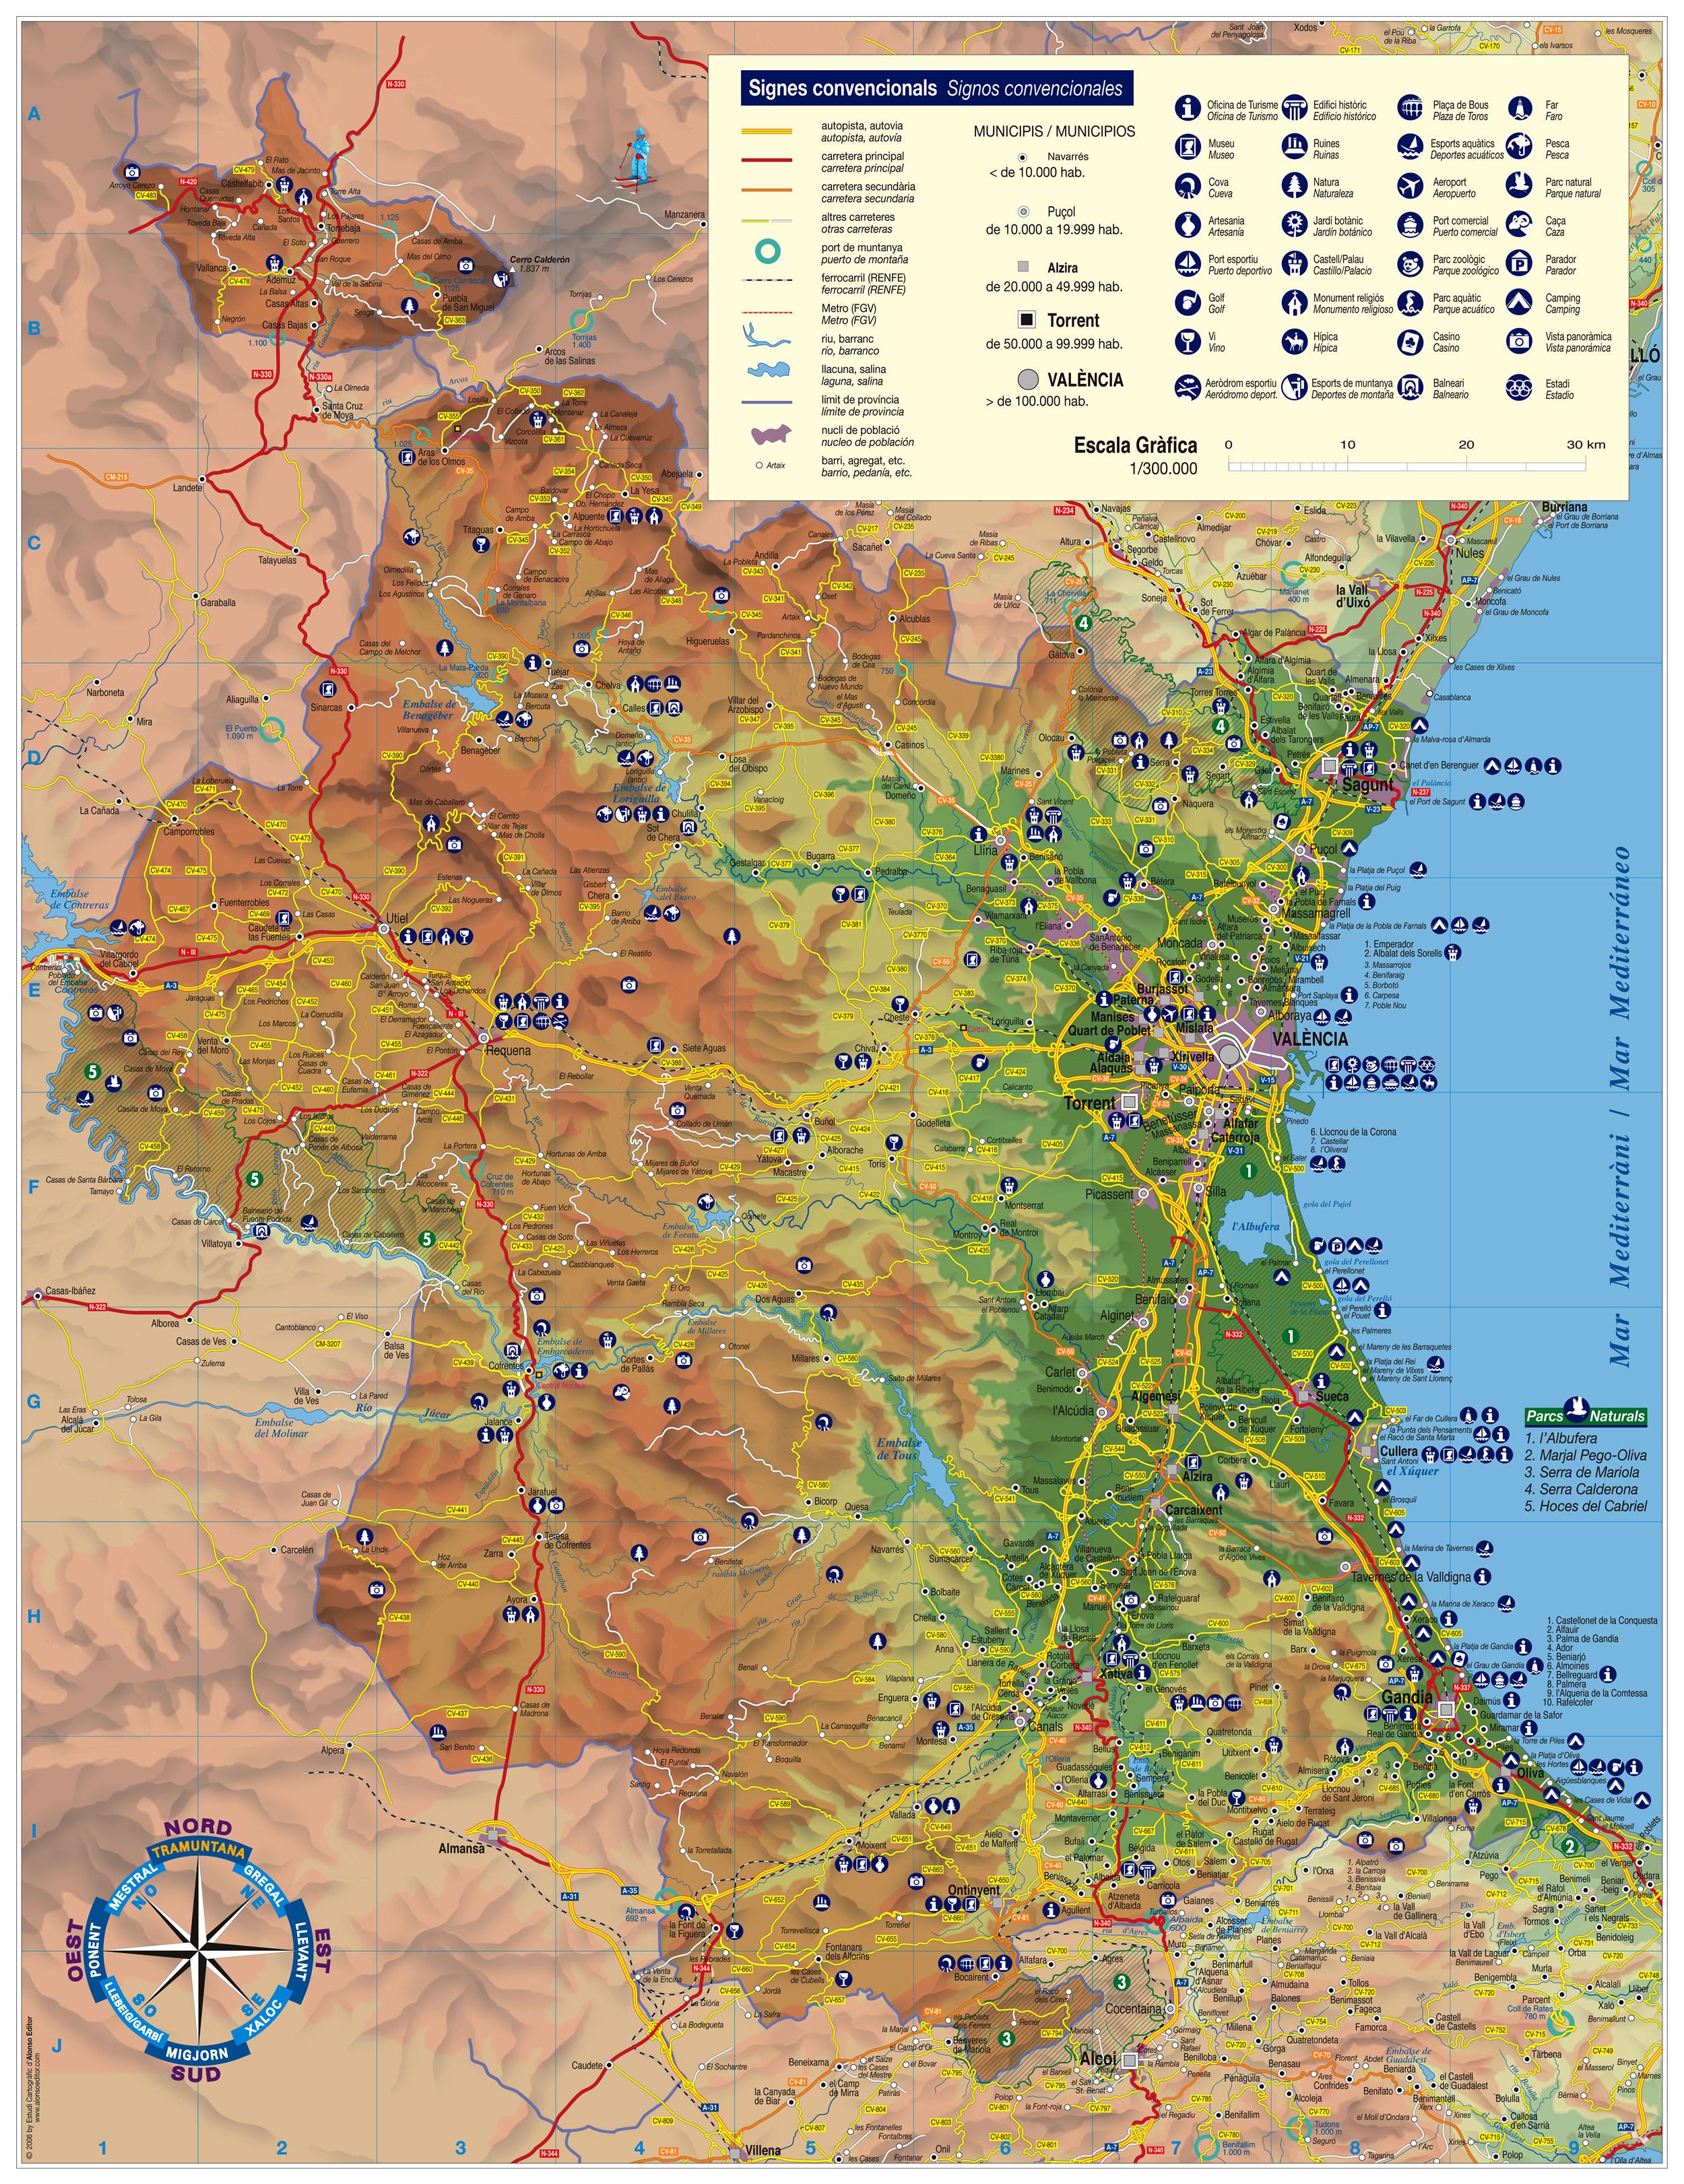 Mapa Rios Comunidad Valenciana.Mapa De Valencia Mapa Fisico Geografico Politico